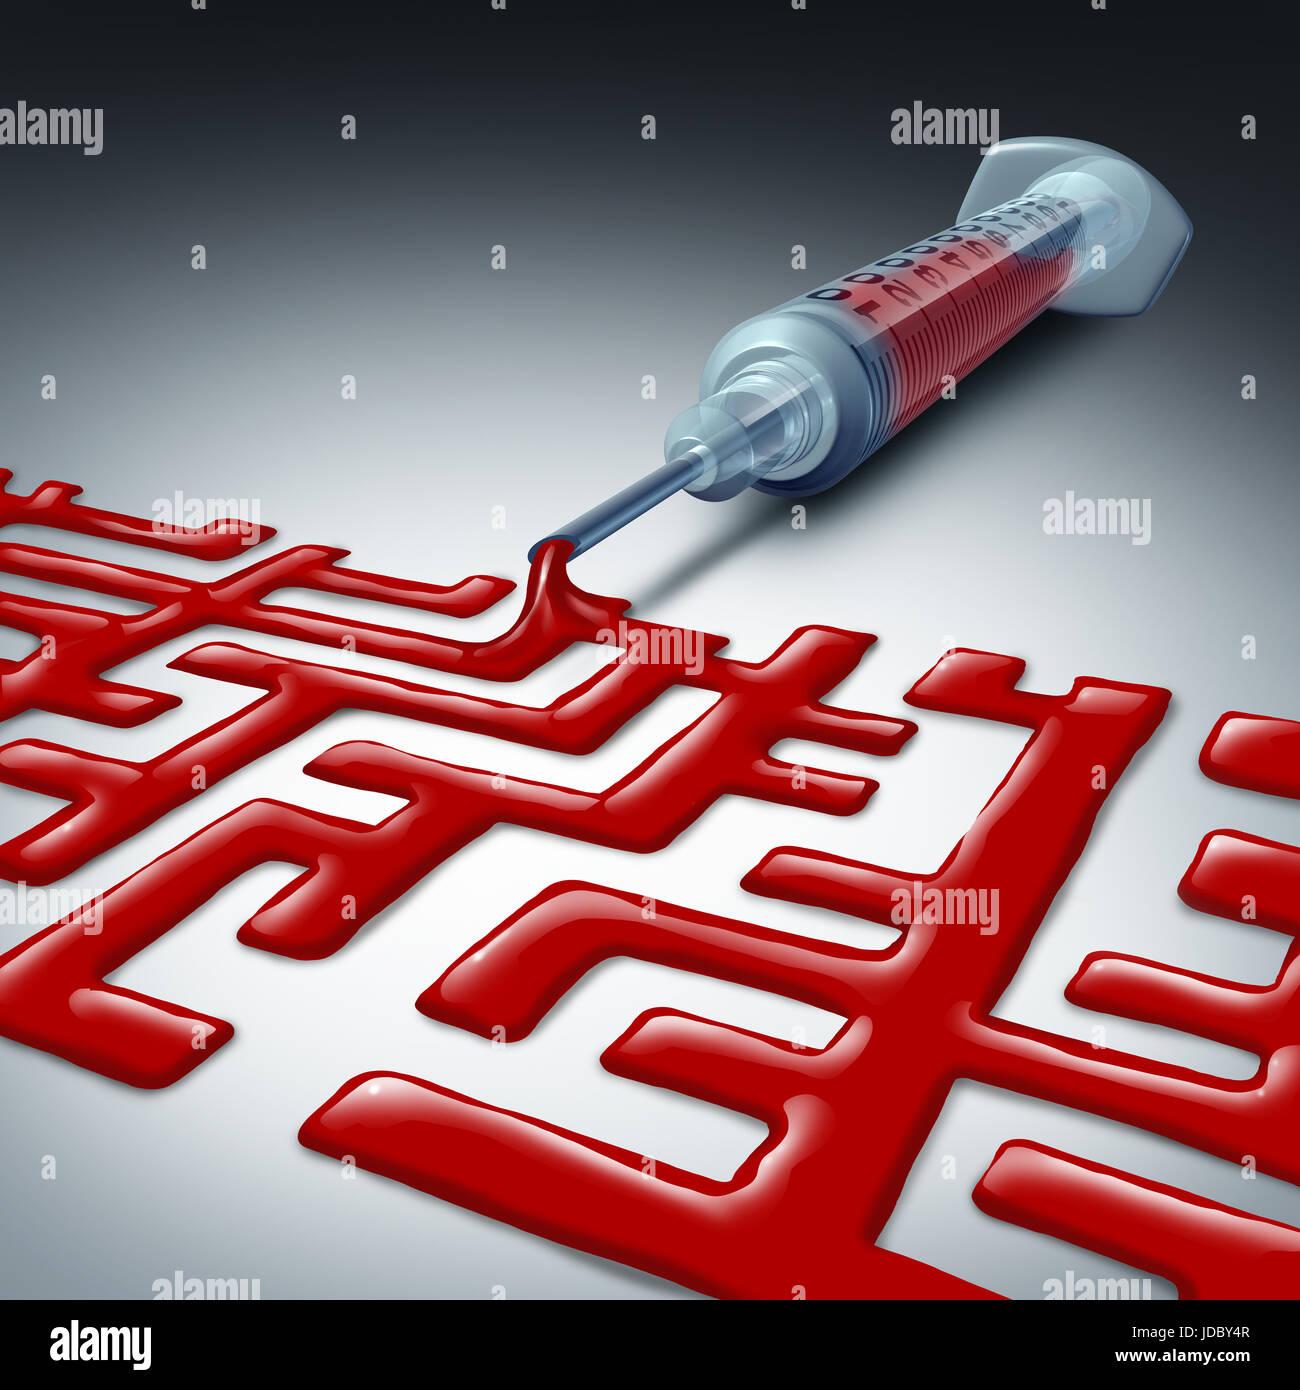 Naviguer dans le labyrinthe des soins de santé ou de la santé défi comme une seringue avec du sang Photo Stock